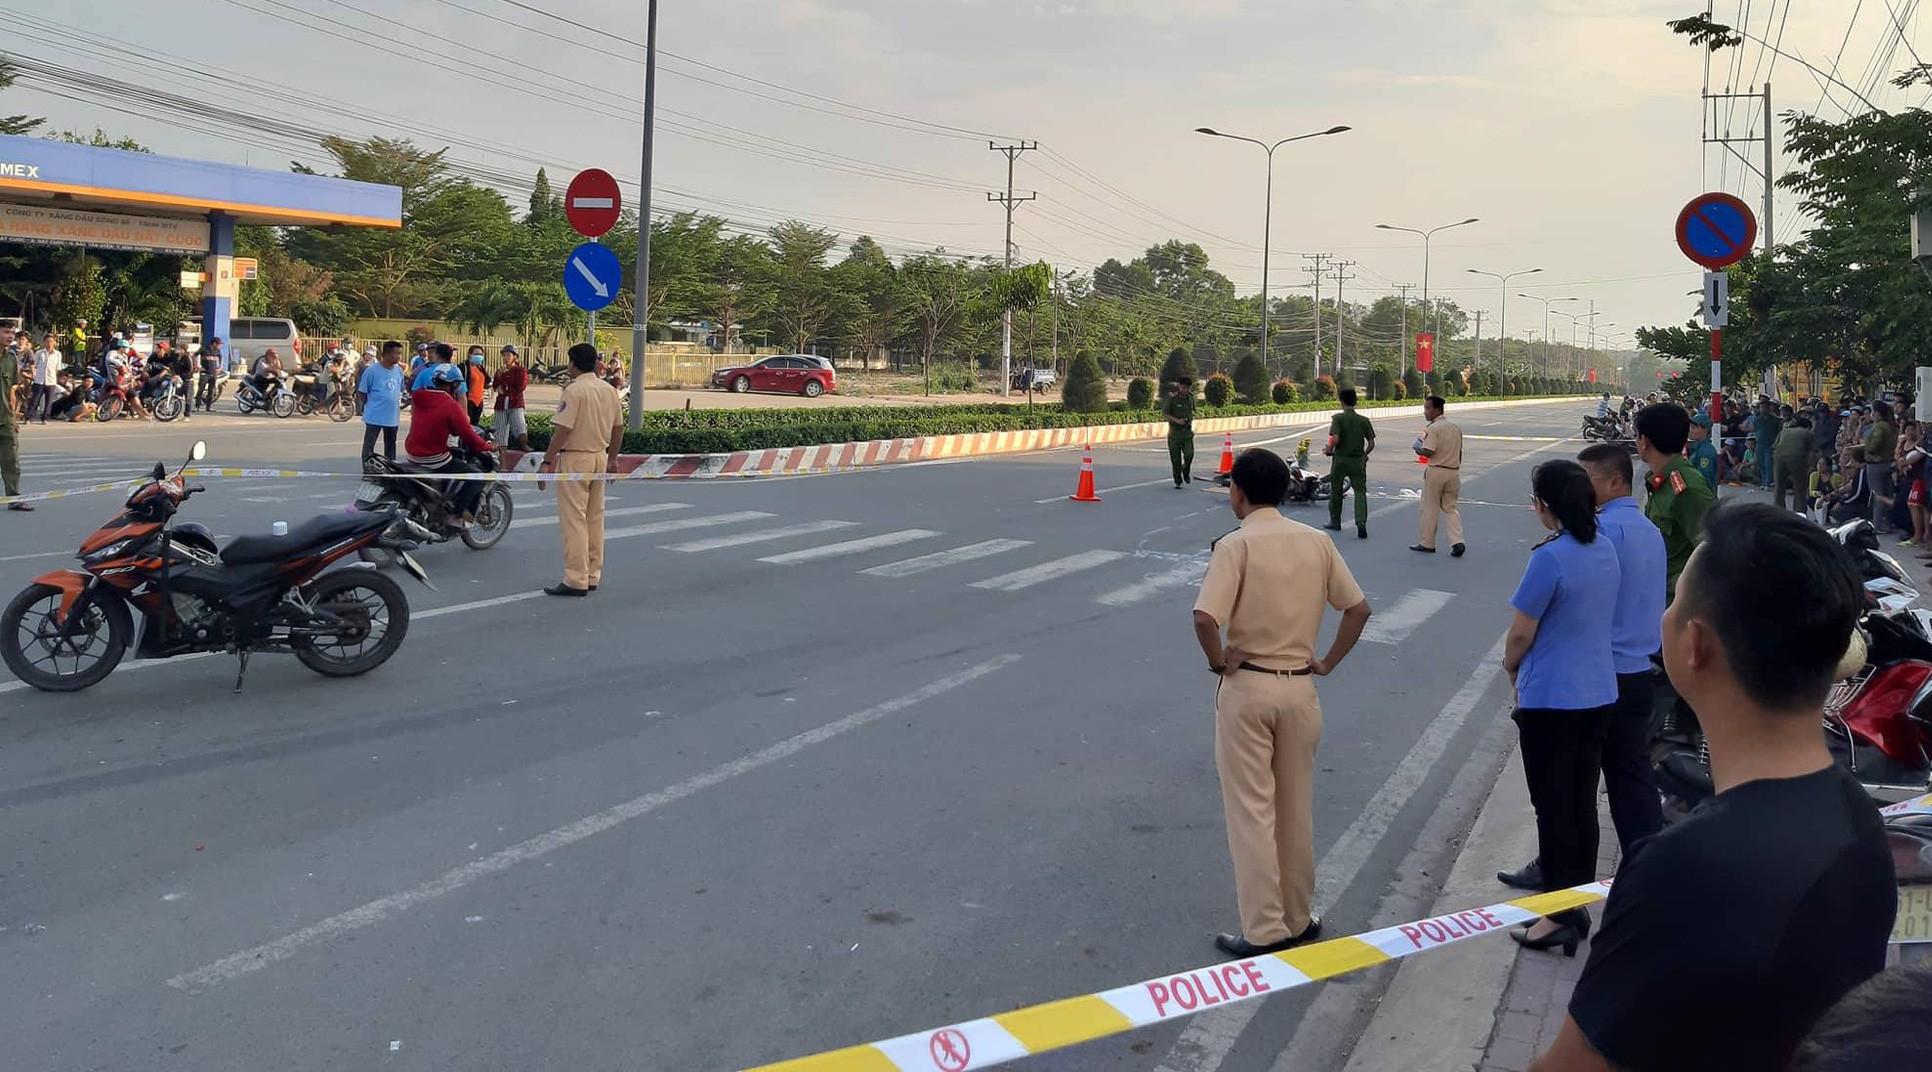 Cơ quan chức năng khám nghiệm hiện trường vụ tai nạn.